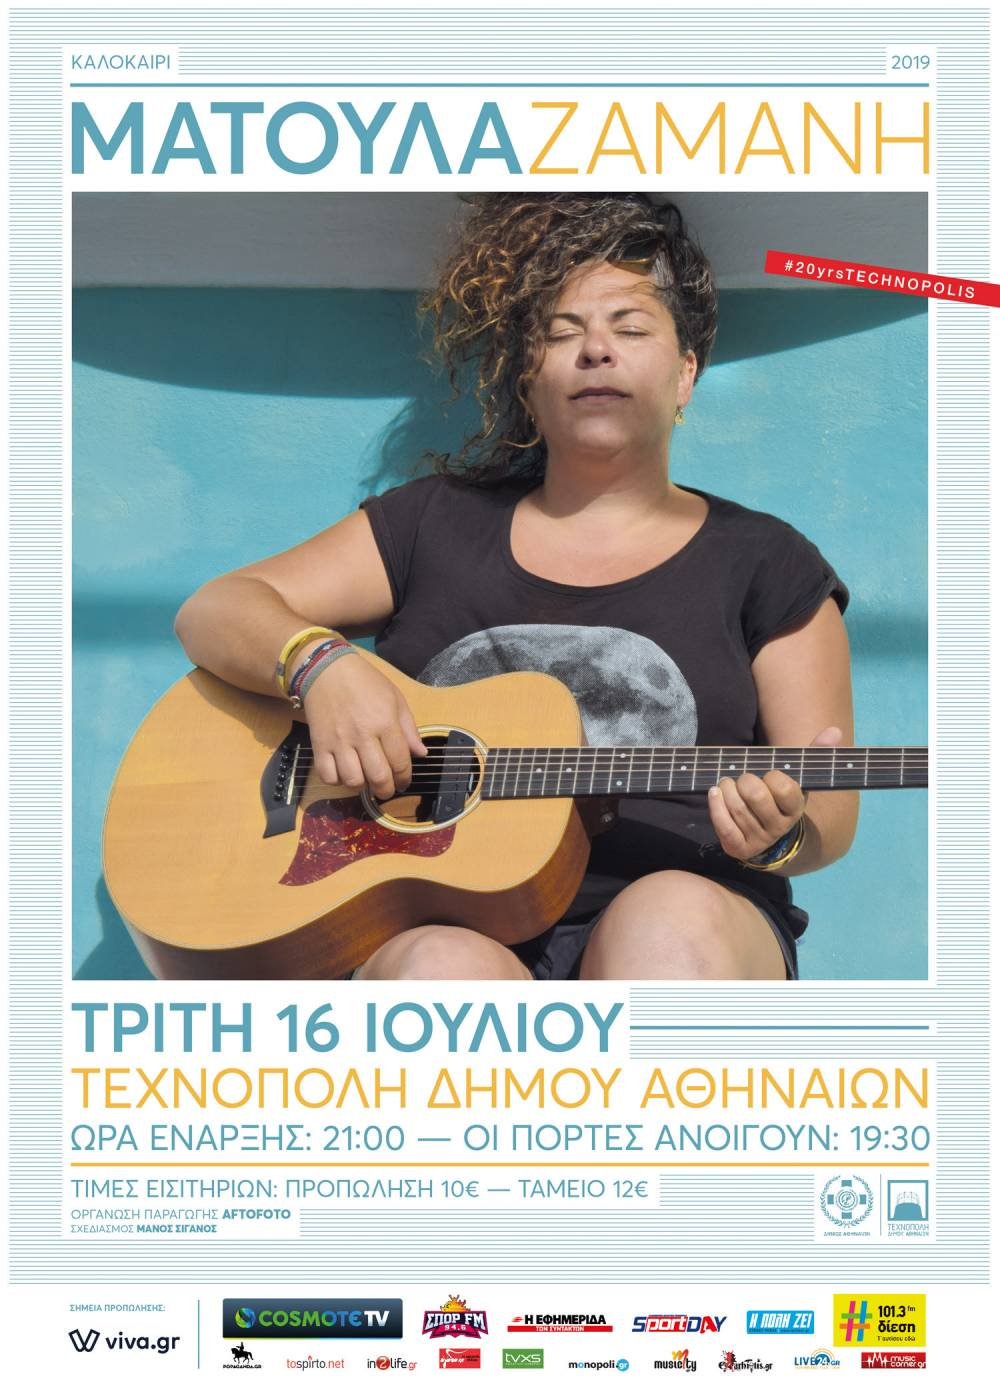 , Εσεις θα πάτε στη Ματούλα Ζαμάνη στις 16 Ιουλίου στην Τεχνόπολη;